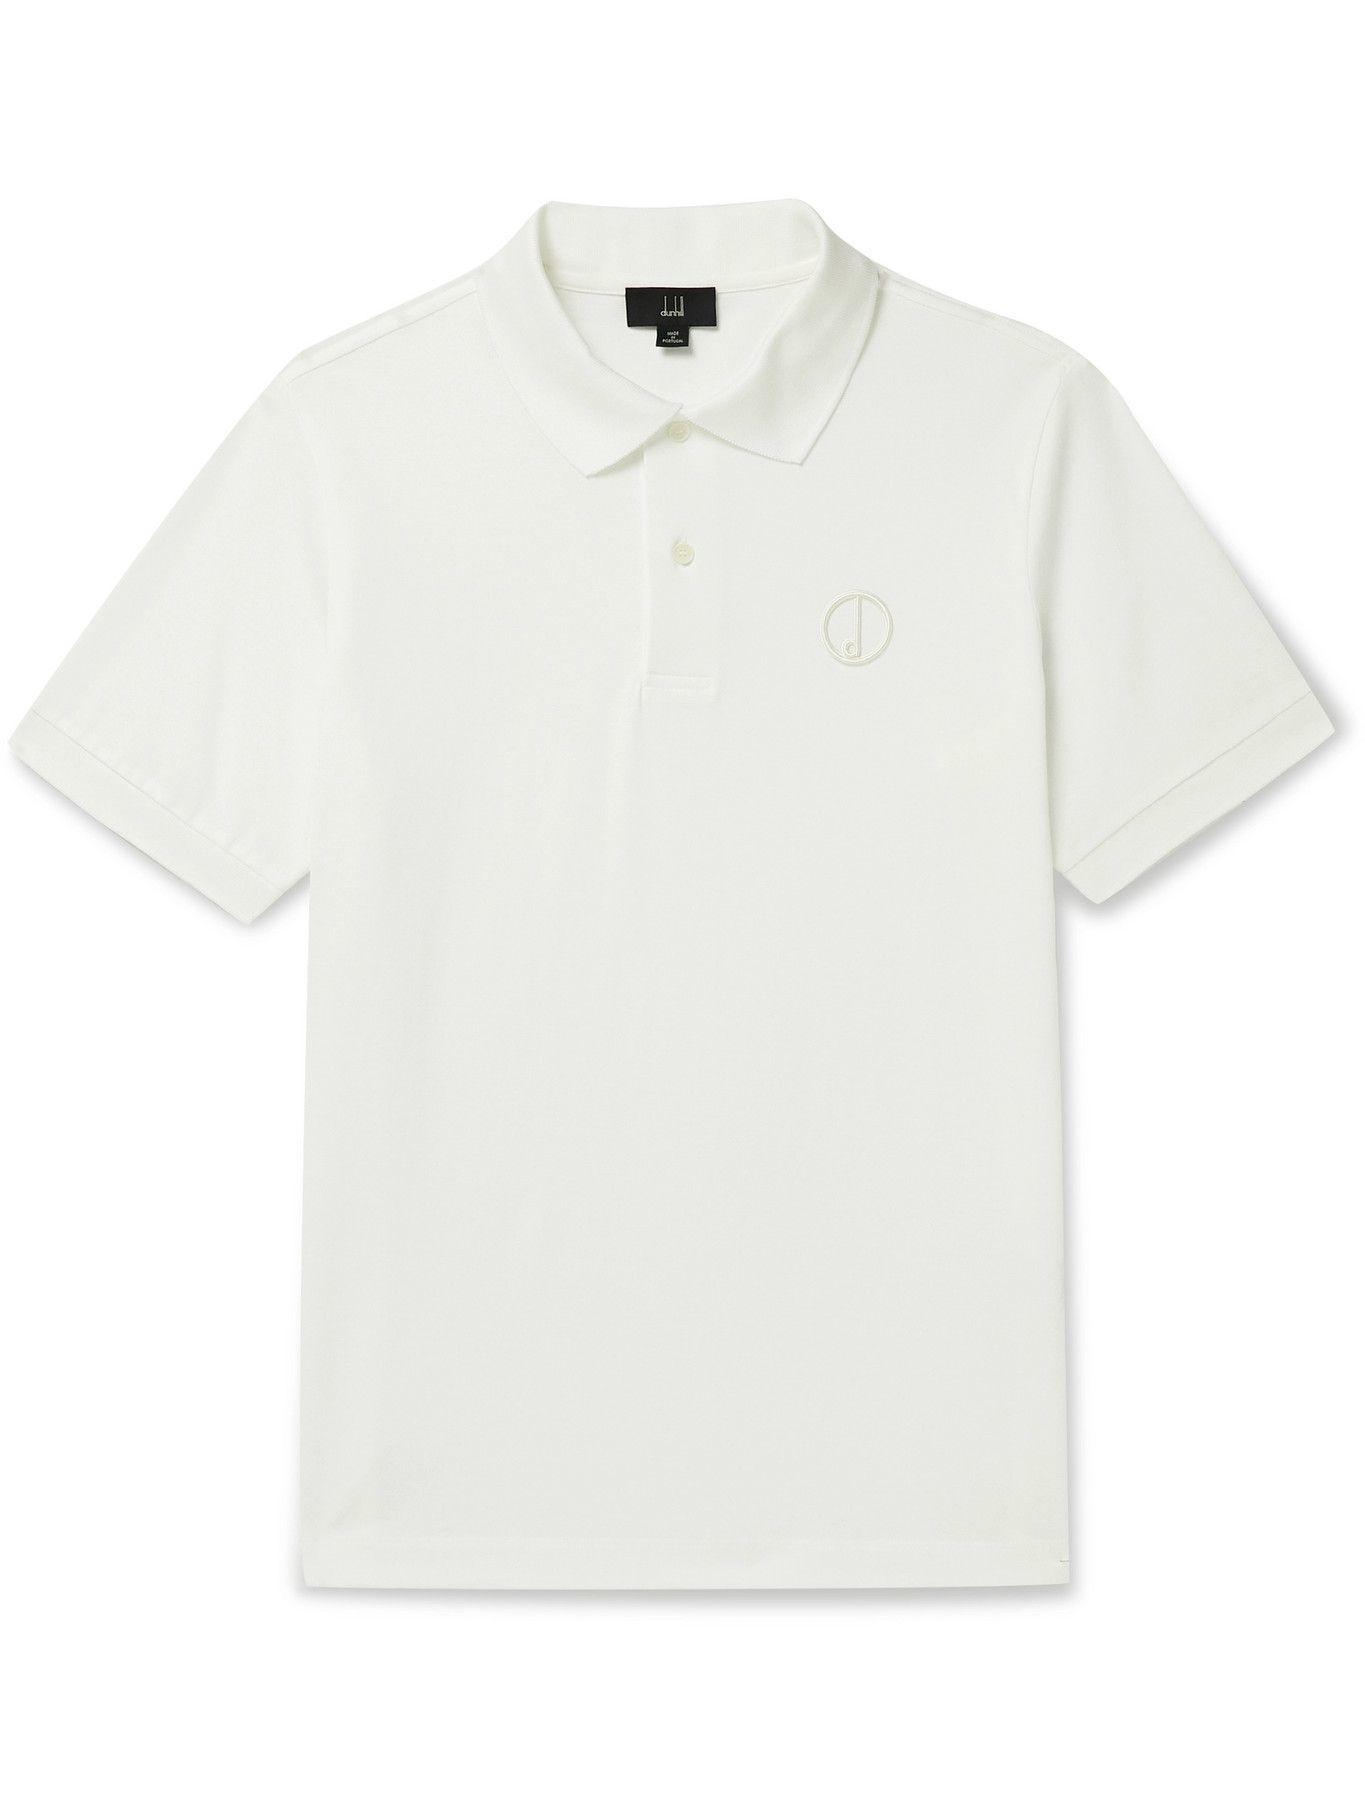 Photo: DUNHILL - Logo-Embroidered Cotton-Piqué Polo Shirt - White